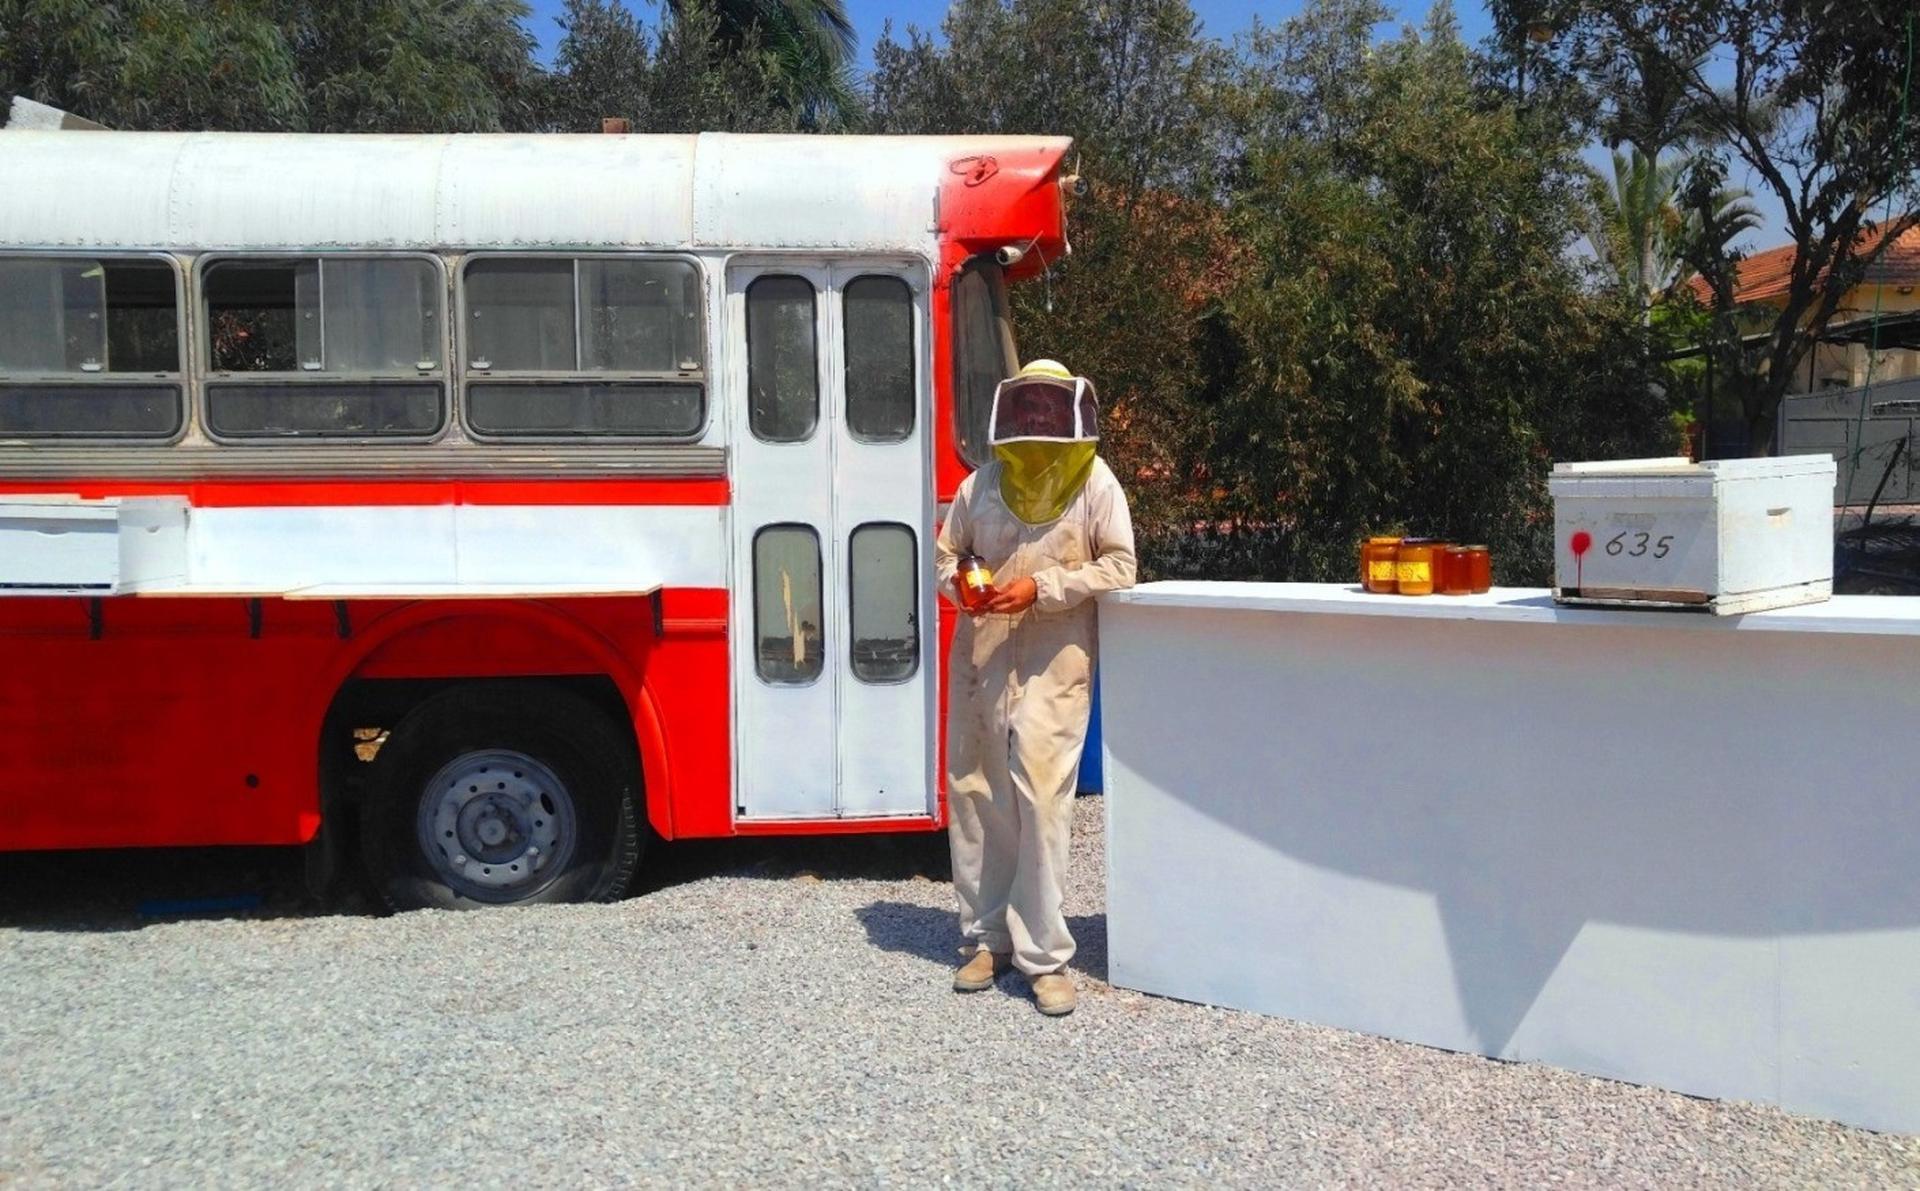 אוטובוס הדבש BEEBAR מכוורת מרדכי גולן מושב גילת. צילום: גל גולן